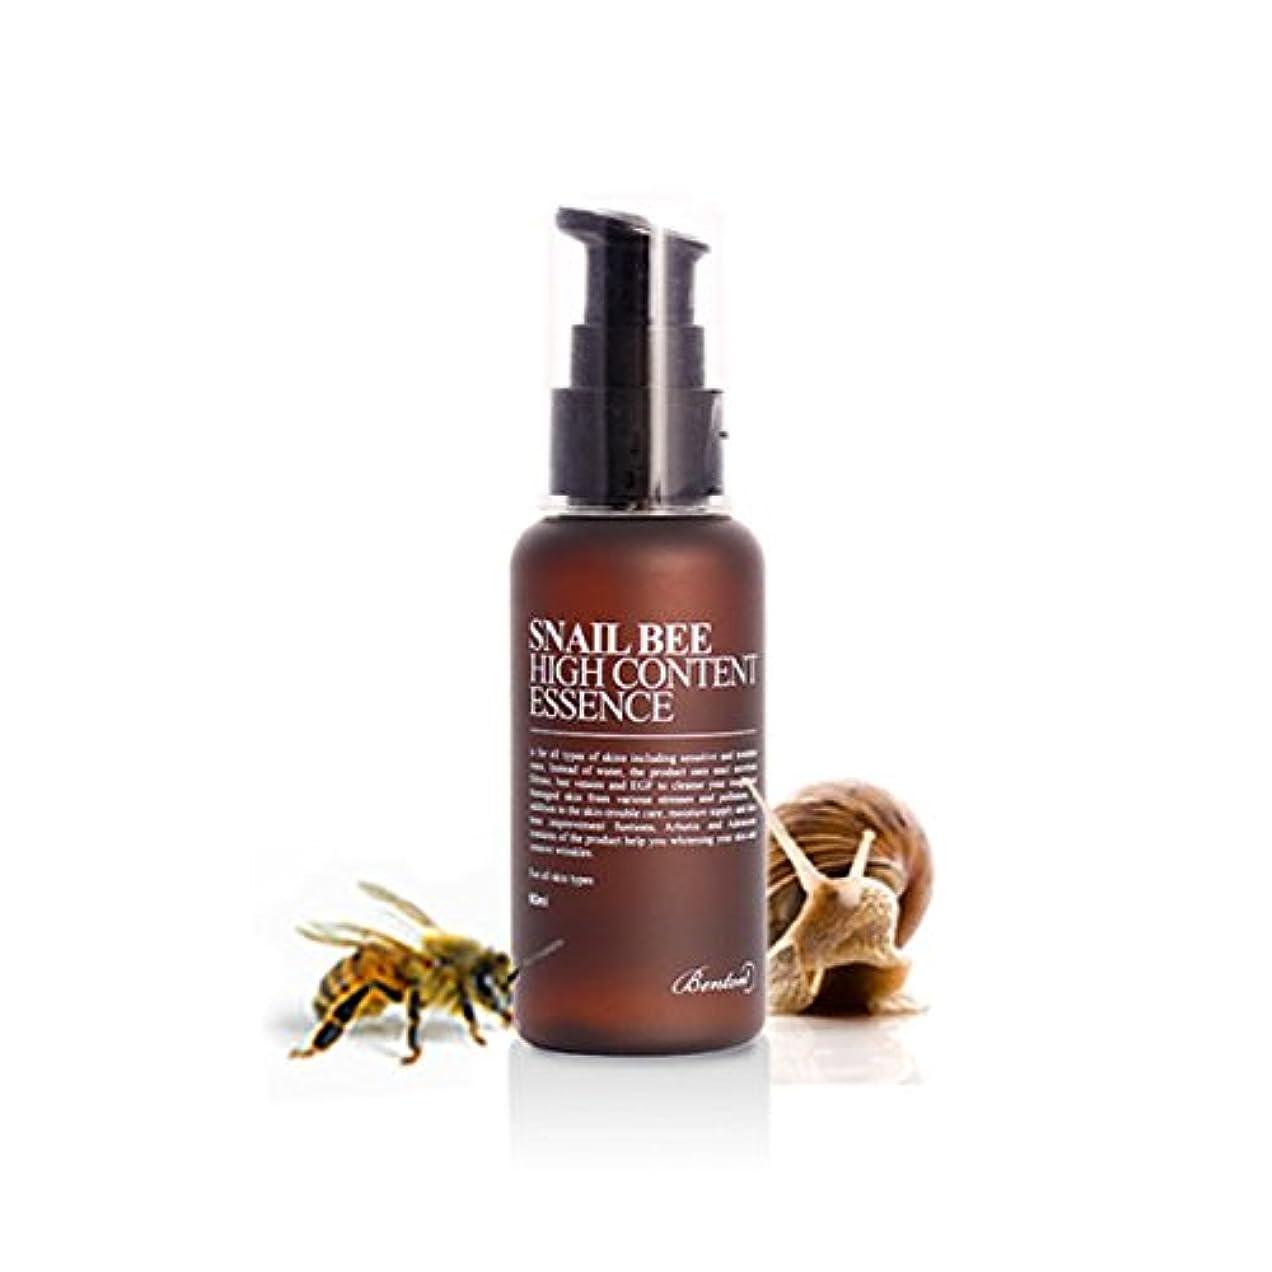 マーキング豚肉ゴージャス[ベントン] Benton カタツムリ蜂ハイコンテンツエッセンス Snail Bee High Content Essence 60ml [並行輸入品]